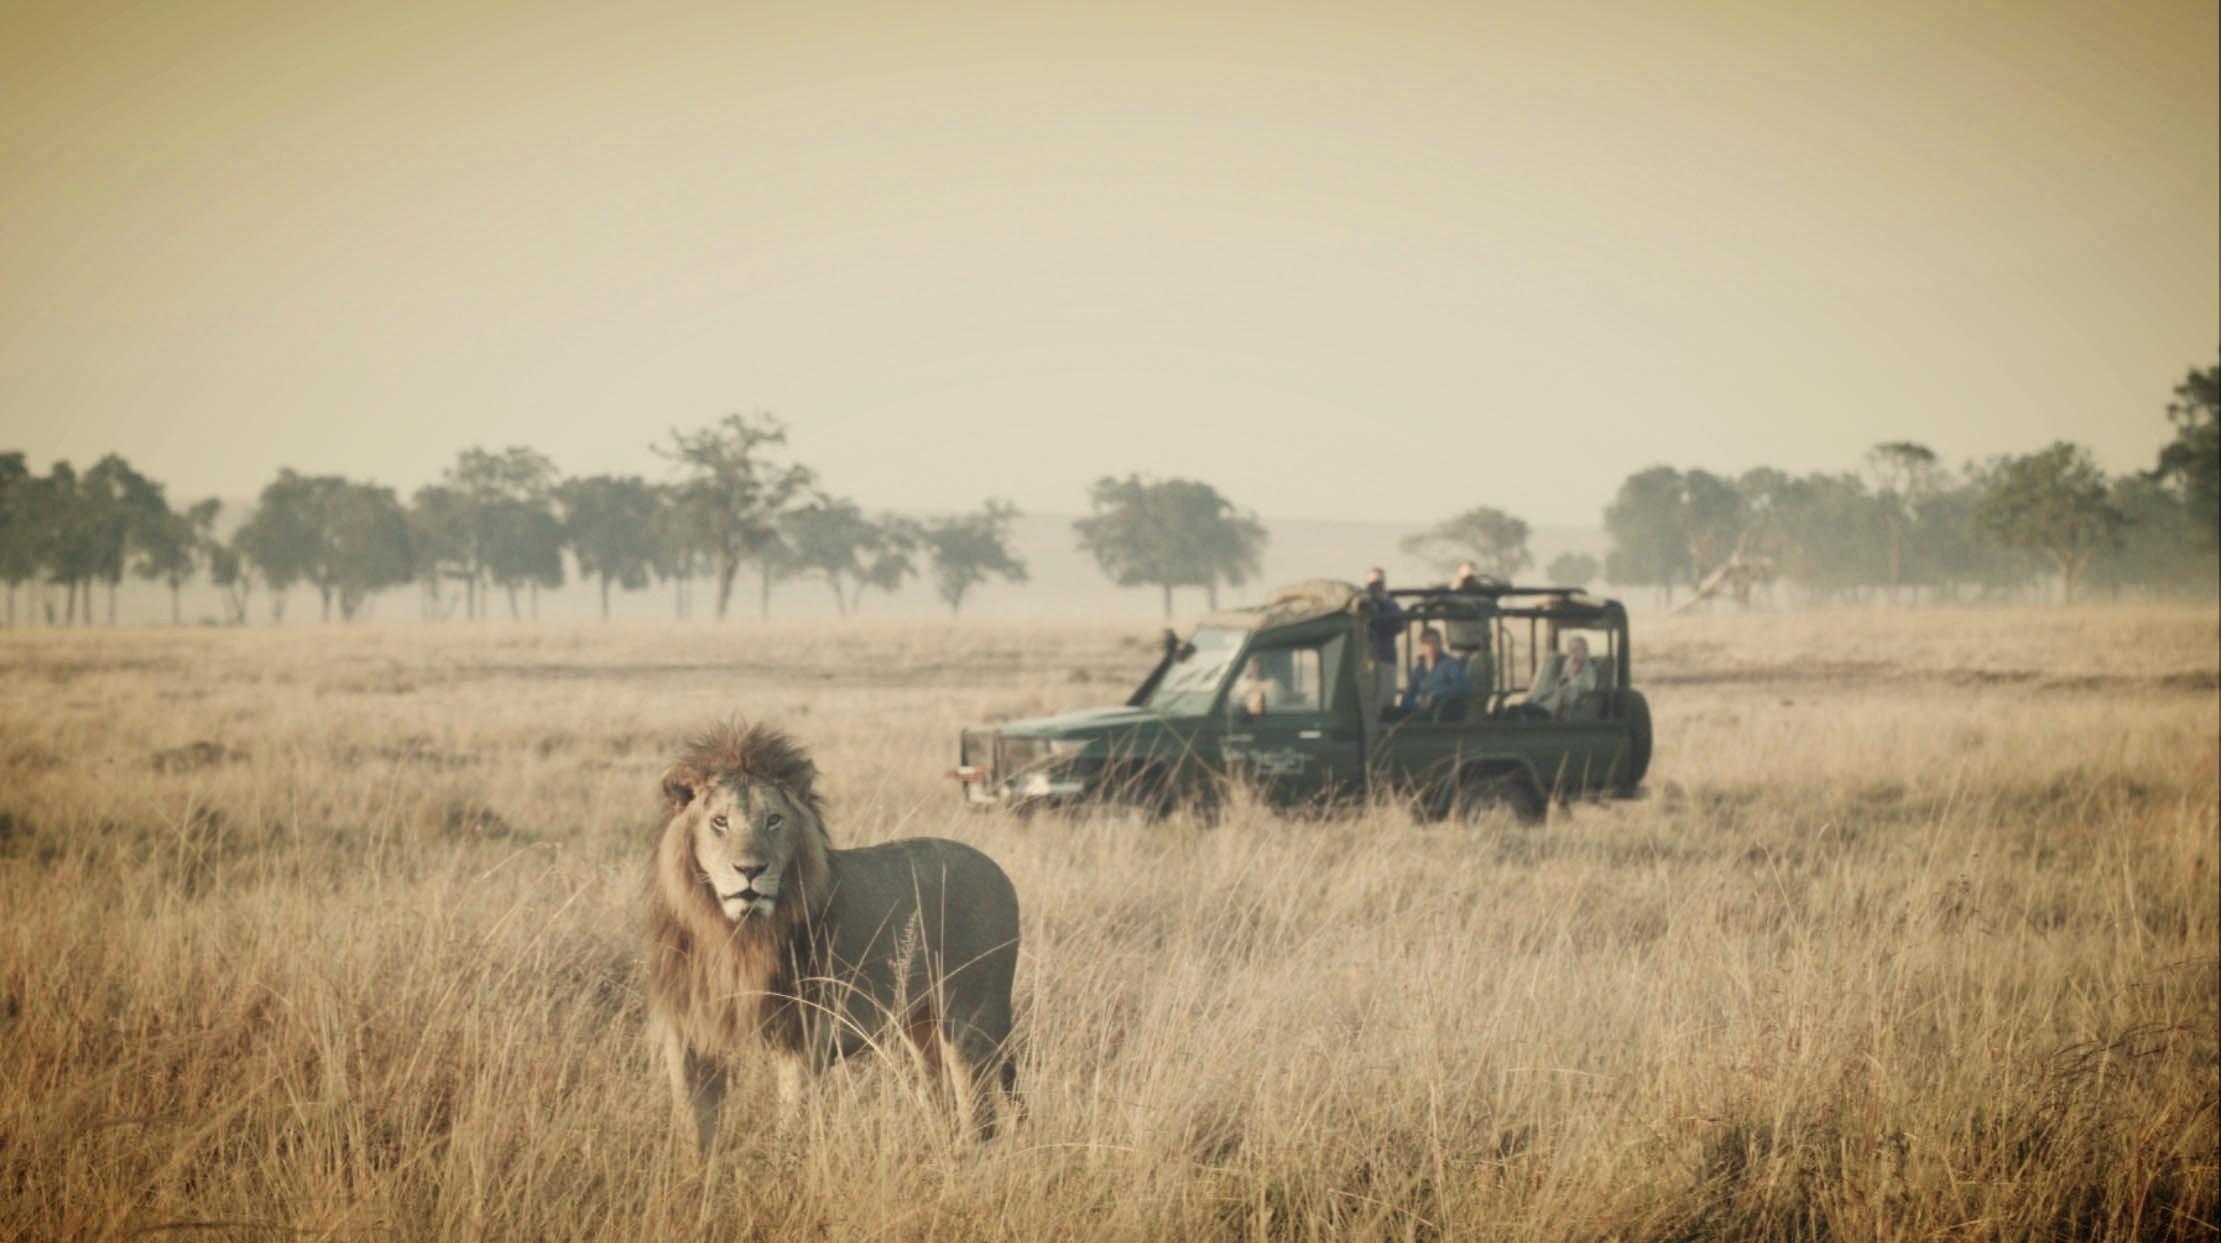 Lion Stares at Camera in Maasai Mara